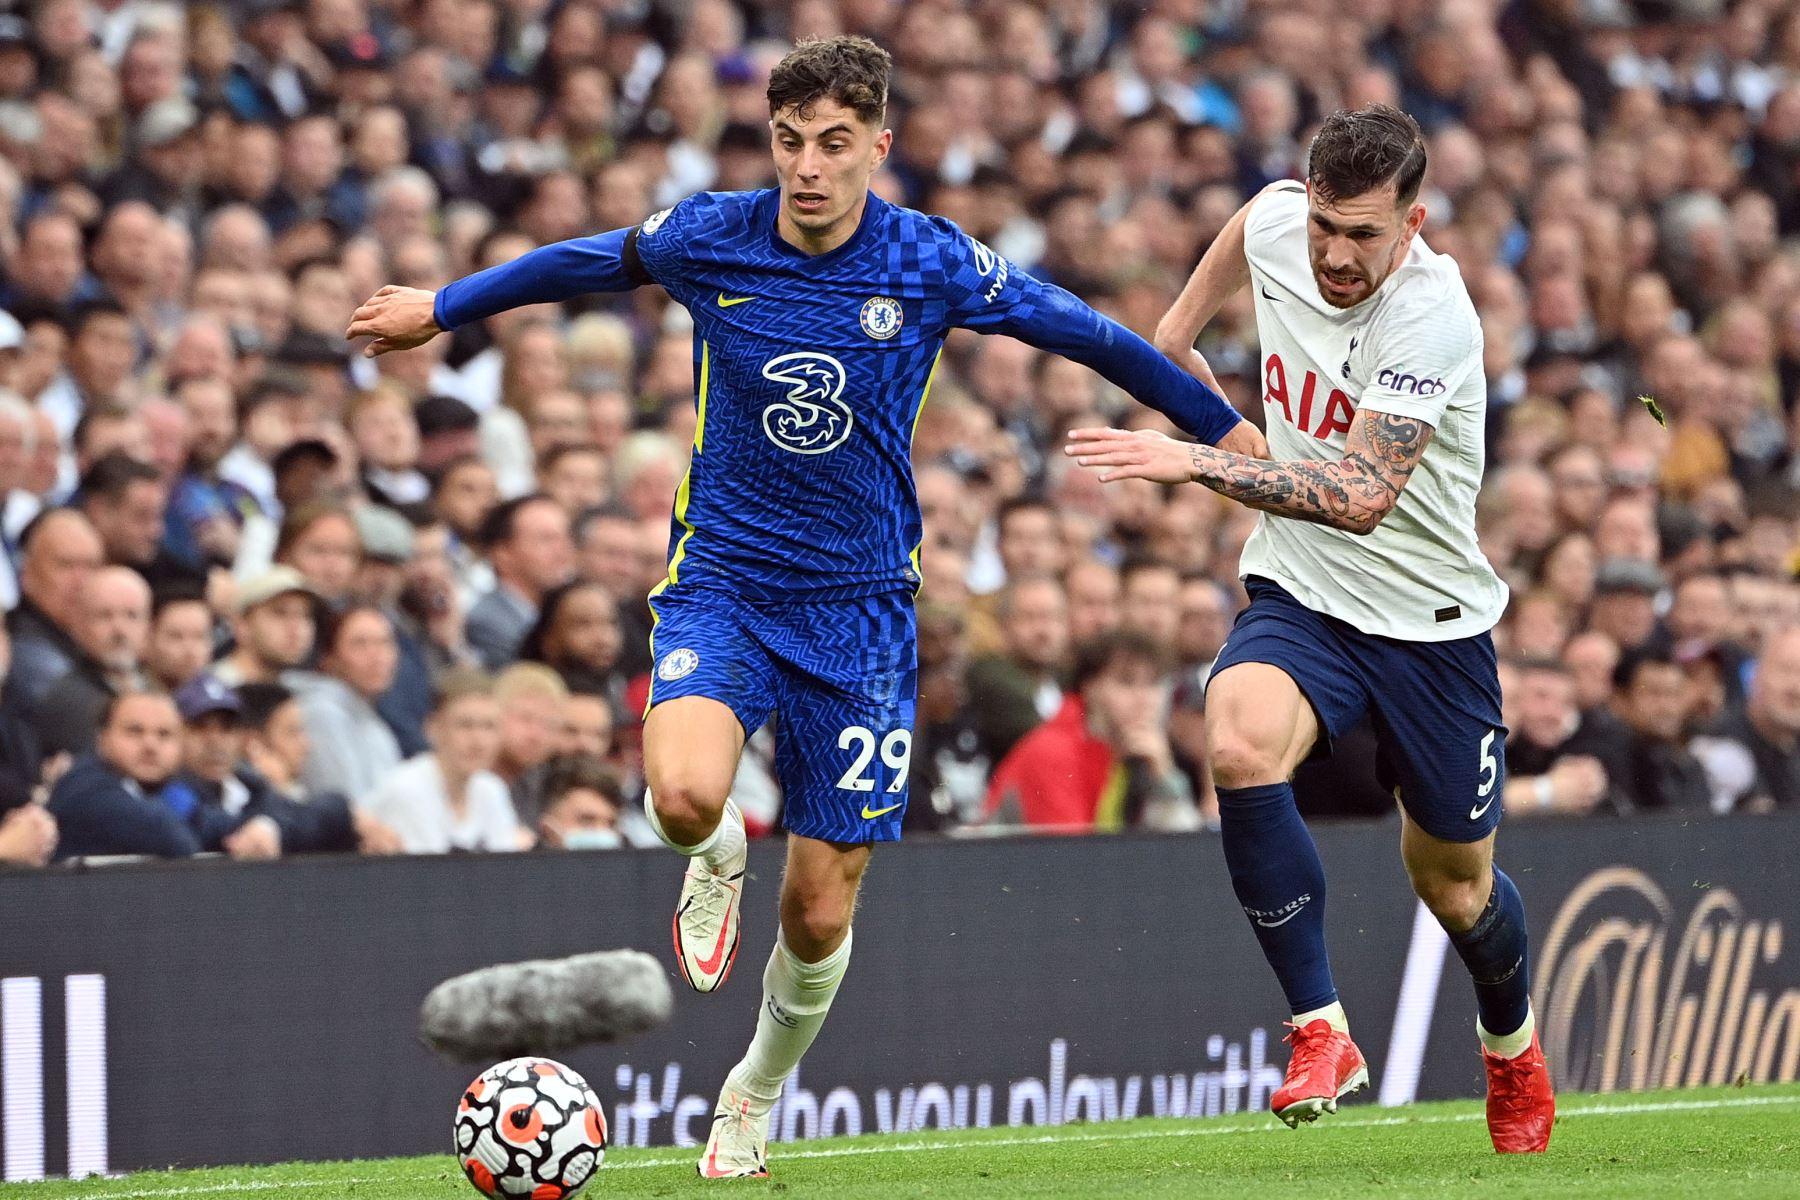 El centrocampista alemán del Chelsea Kai Havertz se aleja del centrocampista danés del Tottenham Hotspur Pierre-Emile Hojbjerg durante el partido de la Premier League. Foto: AFP